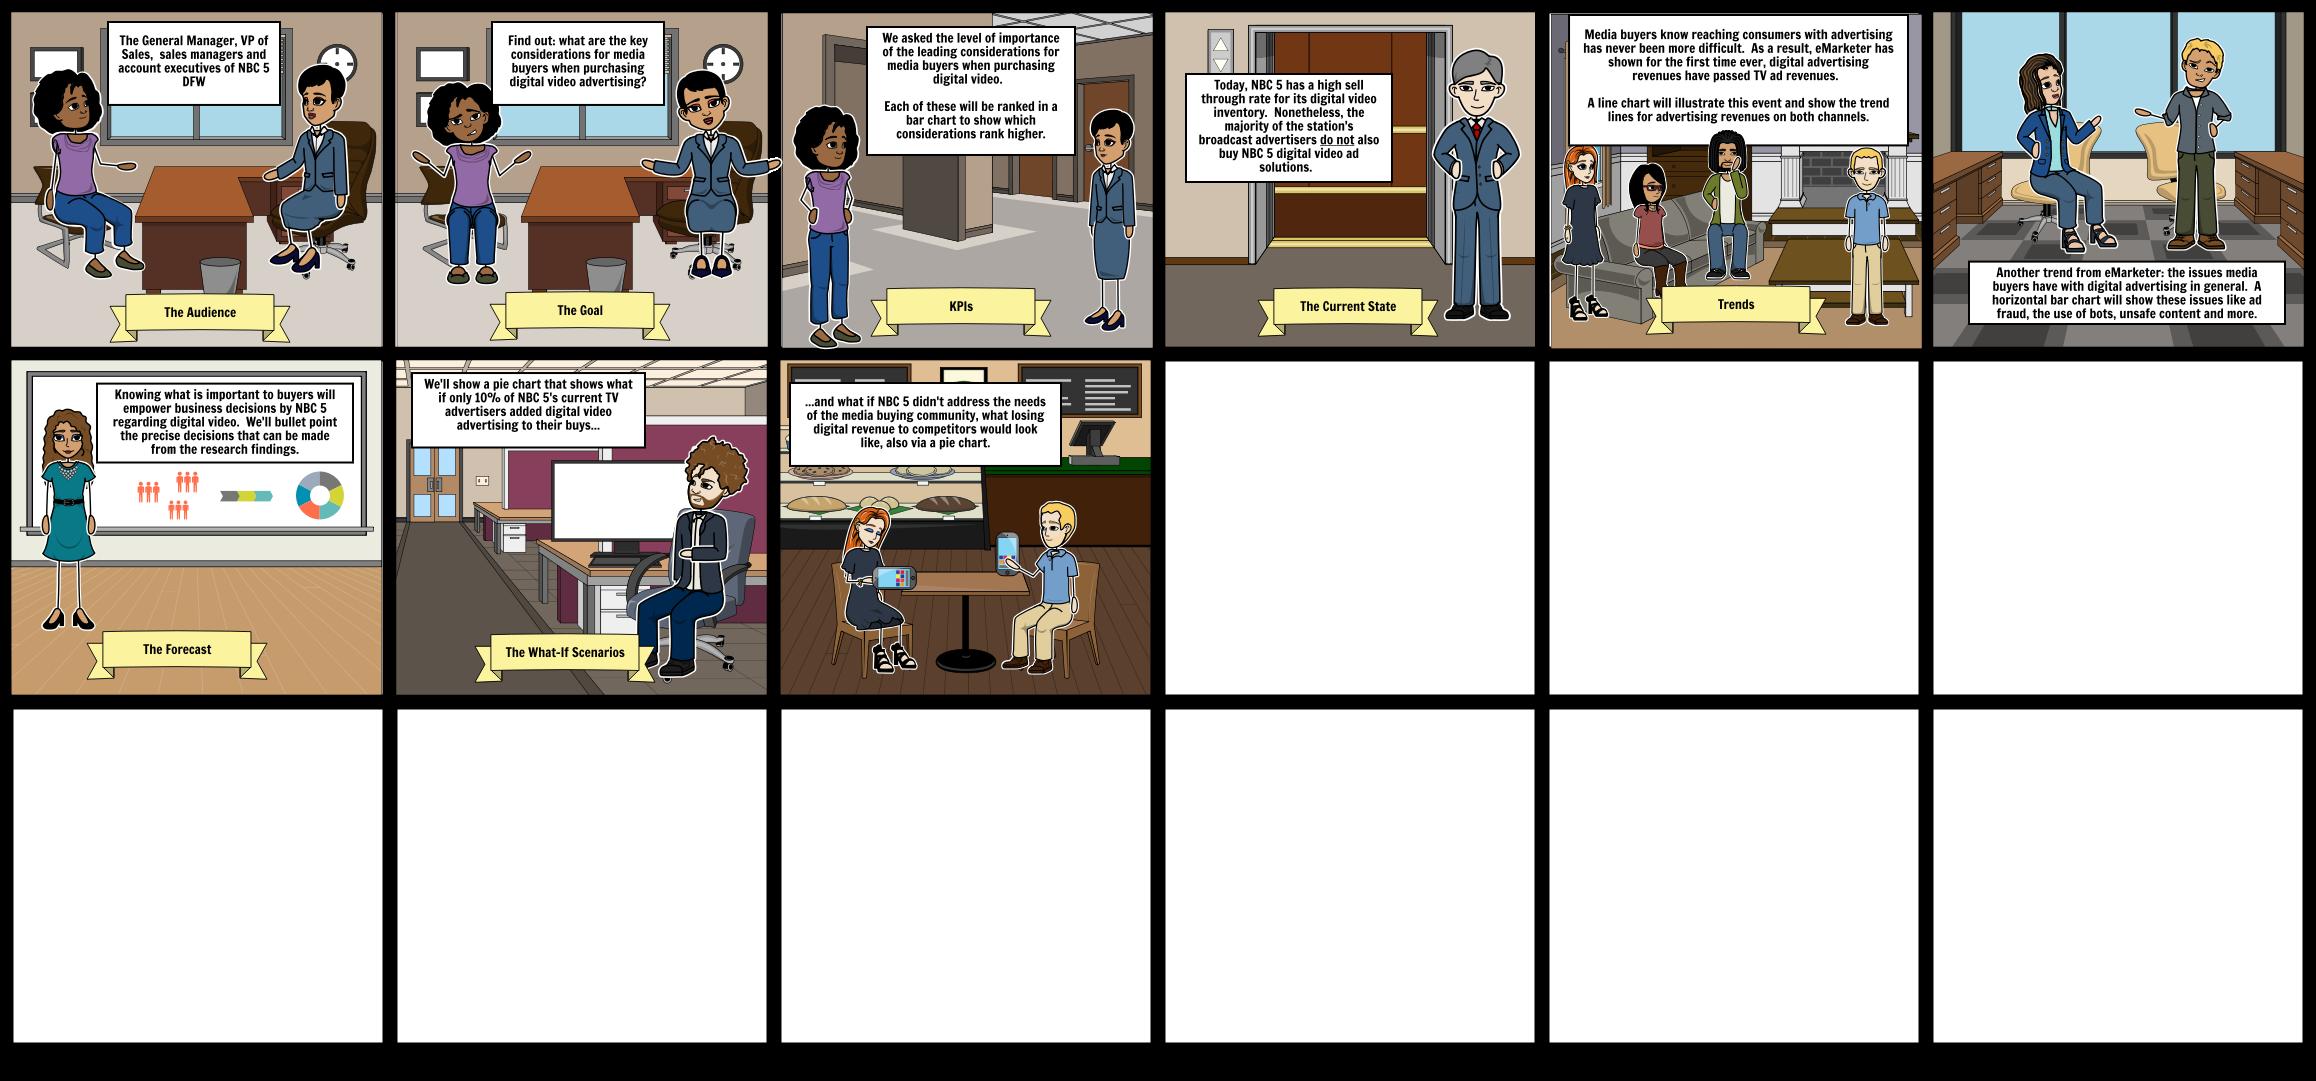 MBA 605N - Mktg Research Week 5 Storybook - Andrew Y.